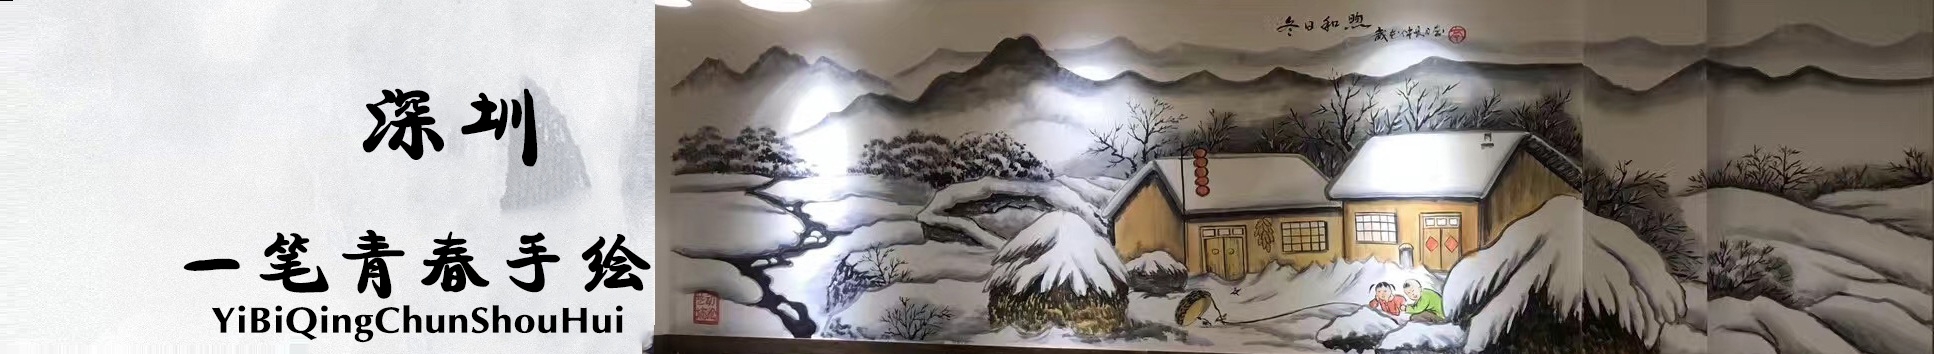 深圳一笔青春手绘